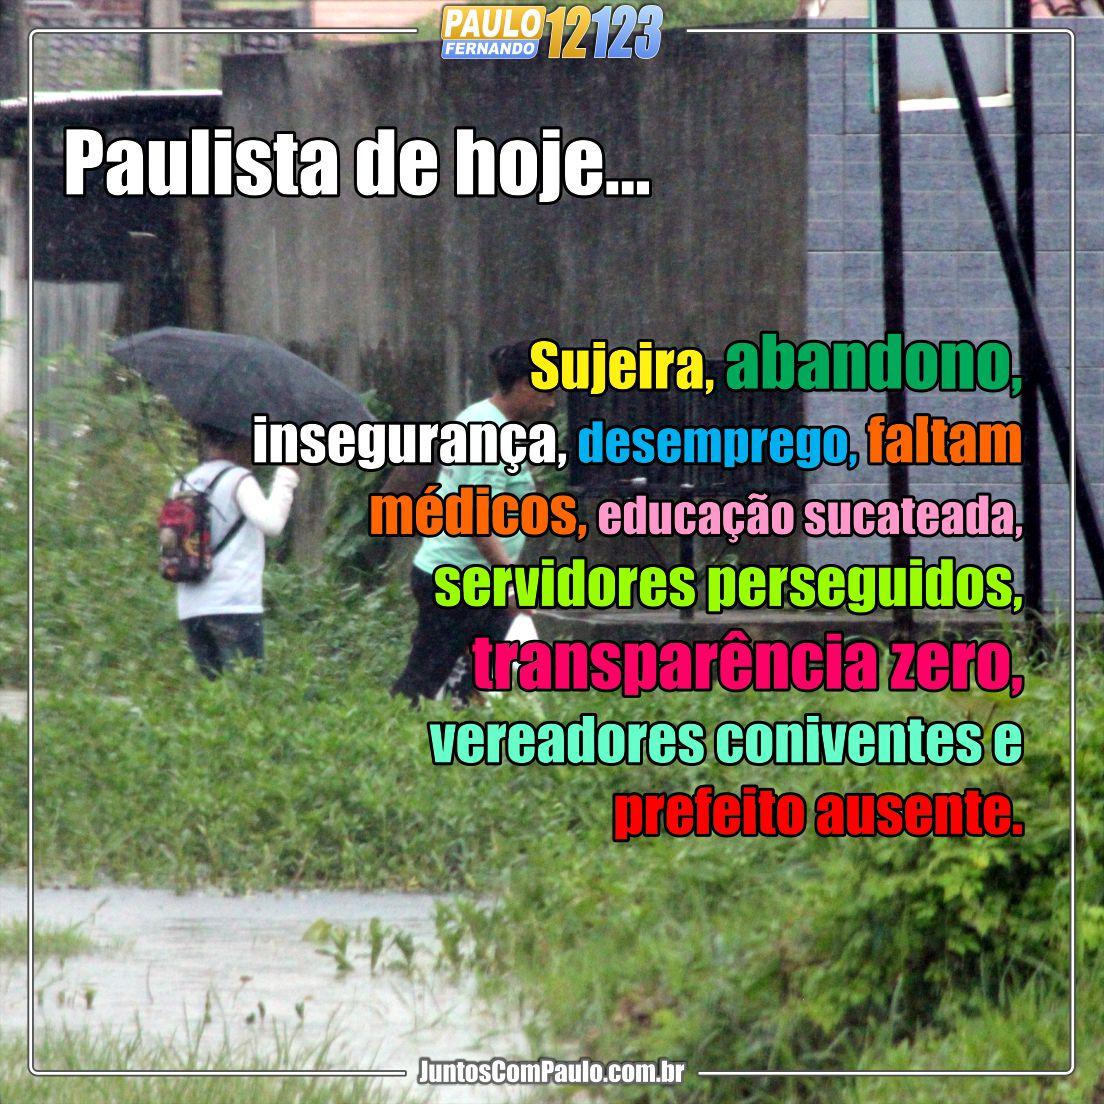 Paulo Fernando é candidato a vereador em Paulista